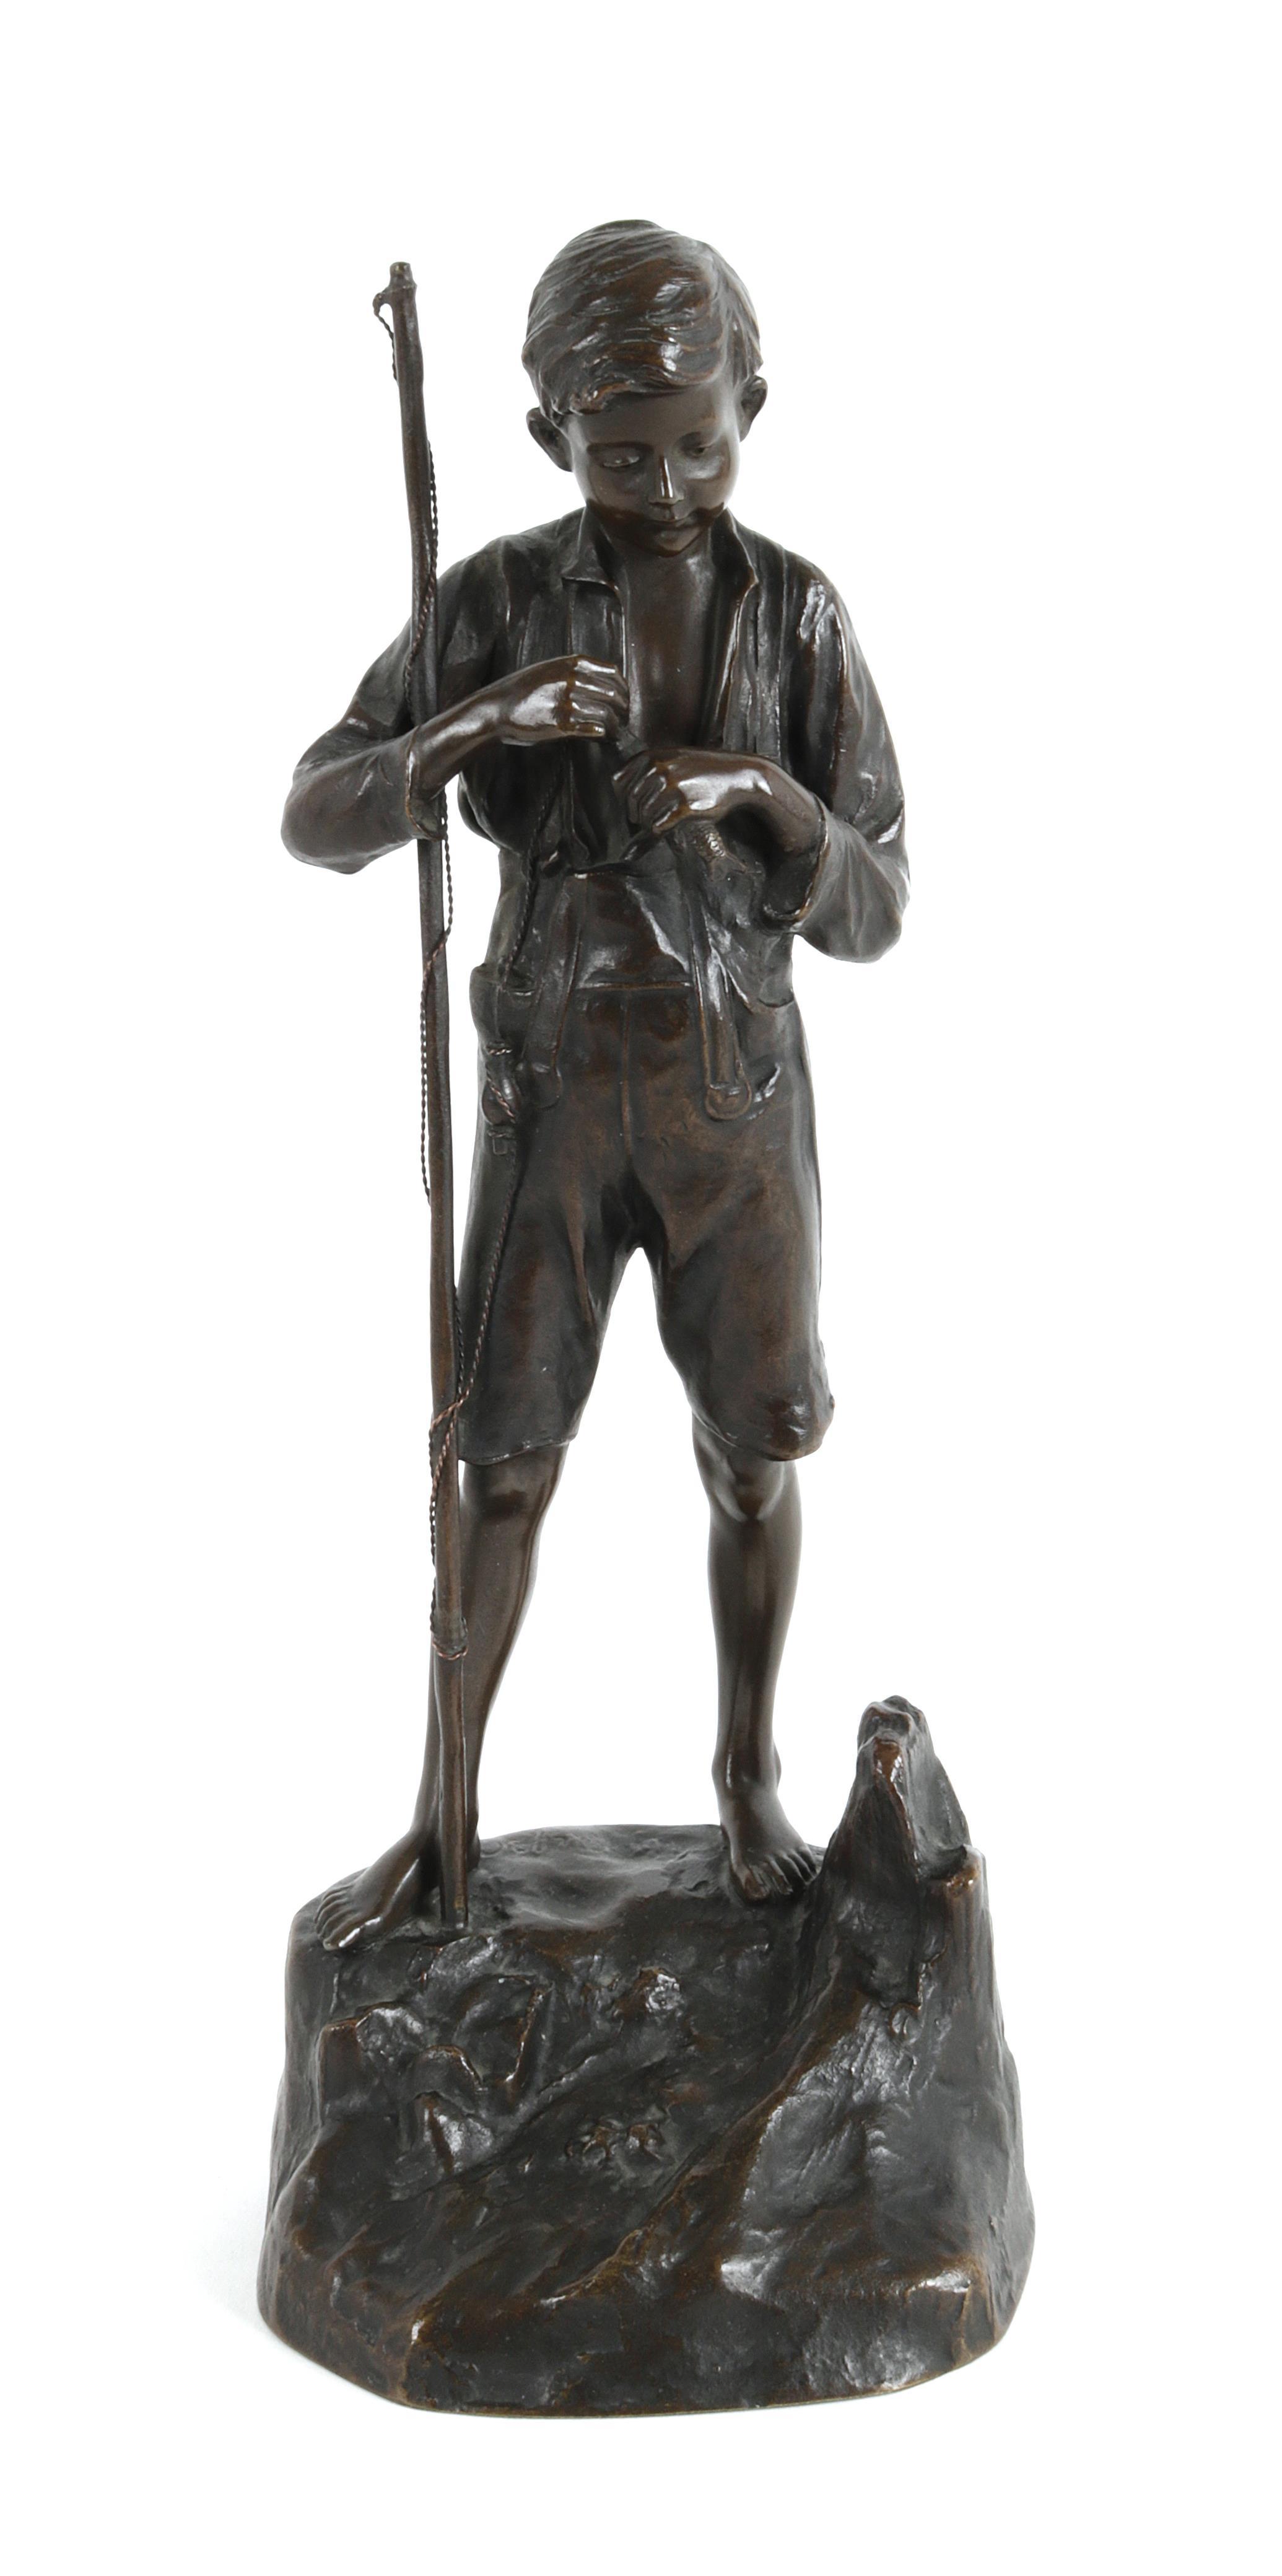 """Franciszek Józef Kucharzyk (1880-1930) """"Młody wędkarz"""", źródło: Dorotheum"""